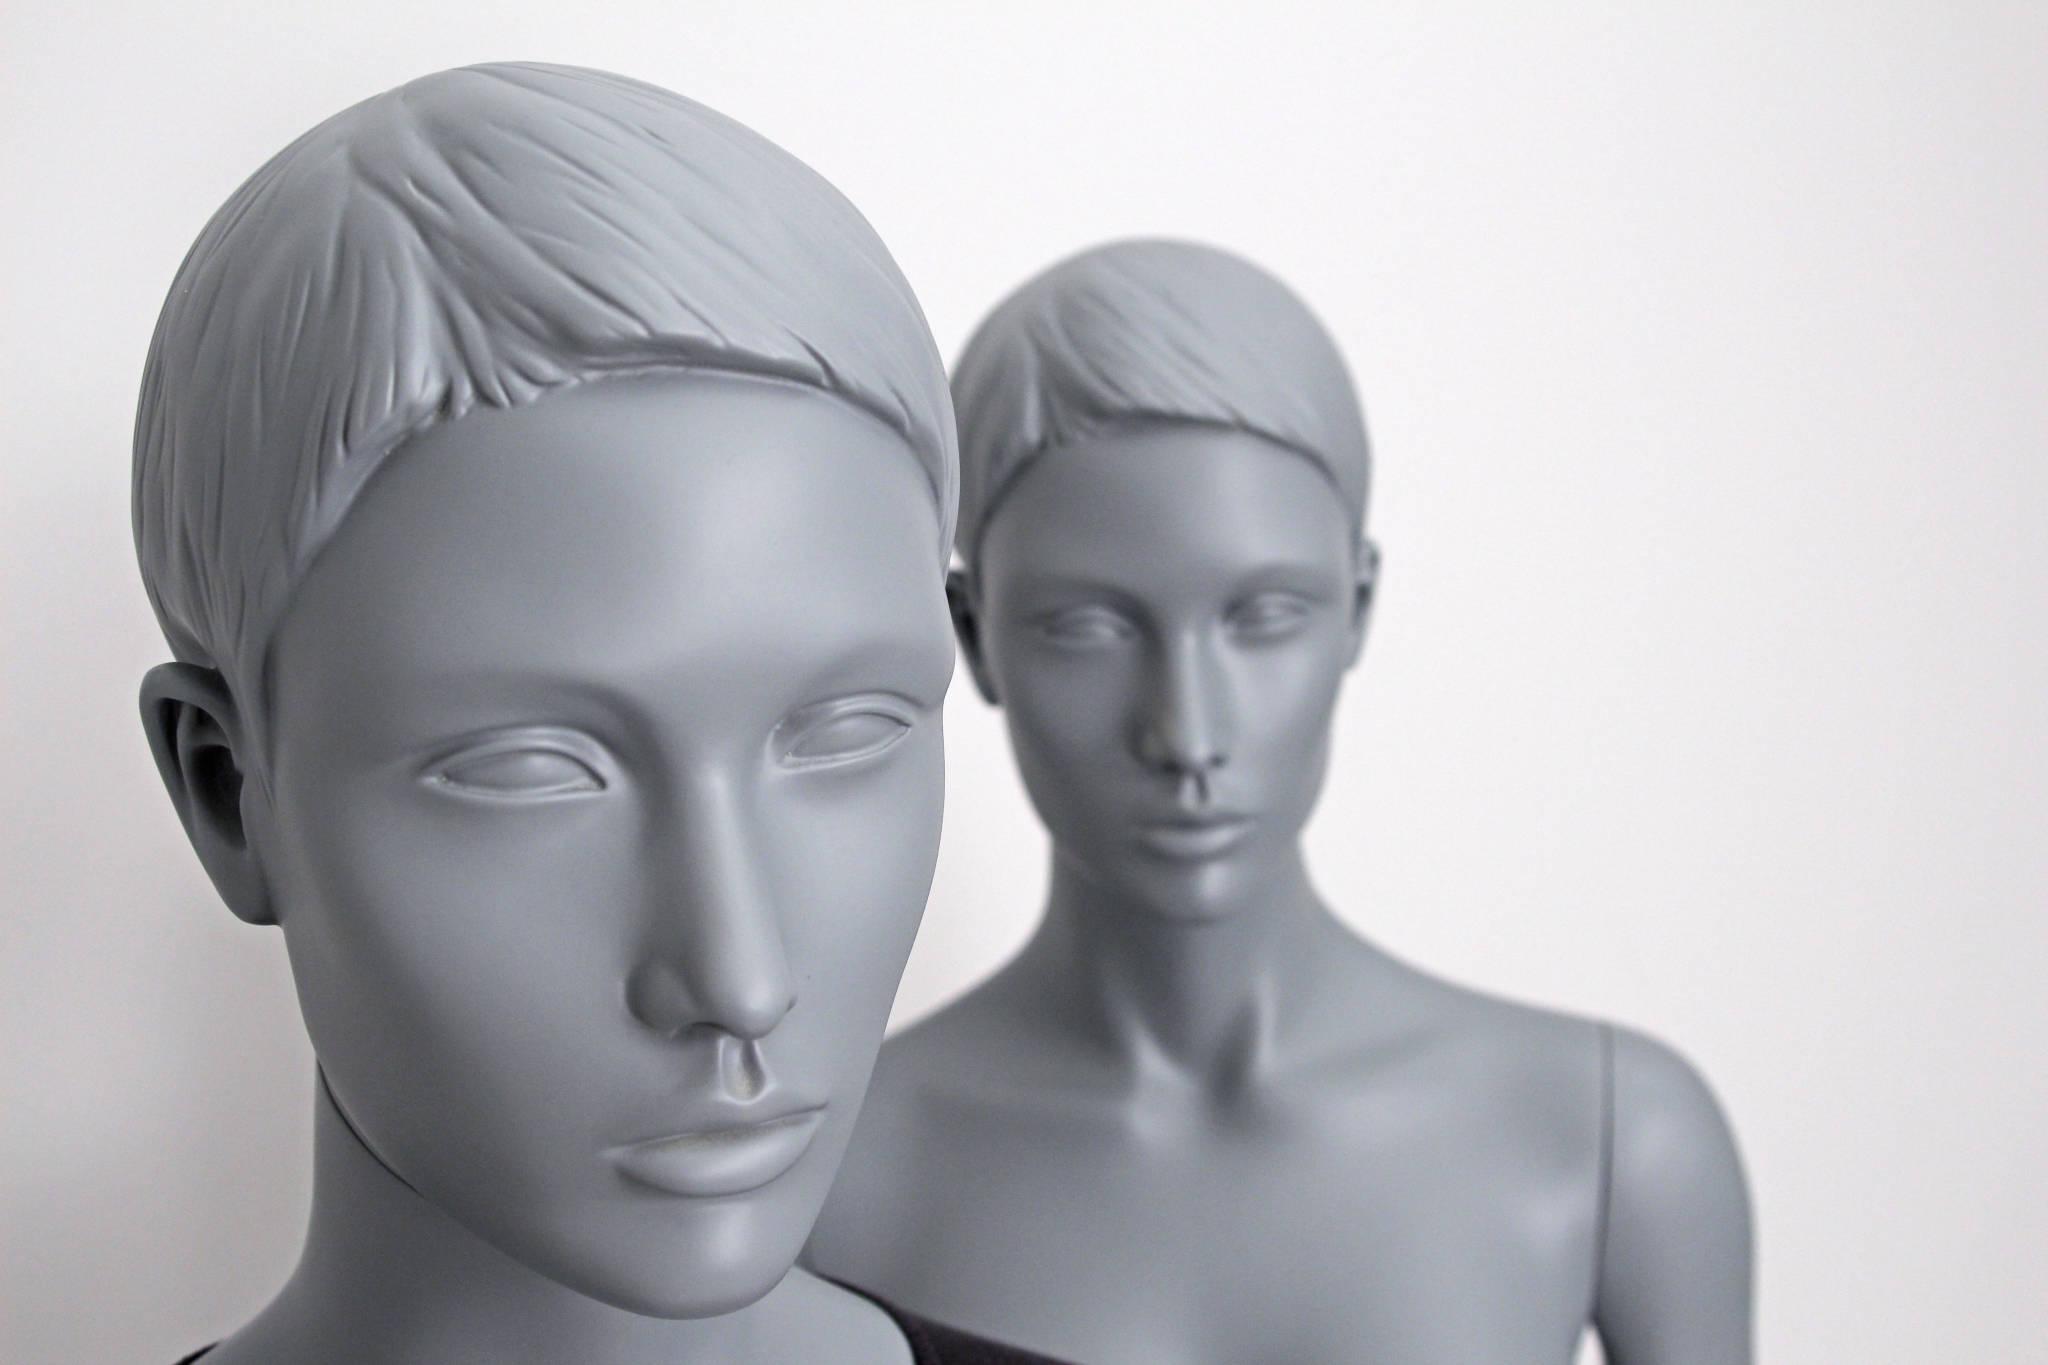 feministisk mannequin i grå overflade